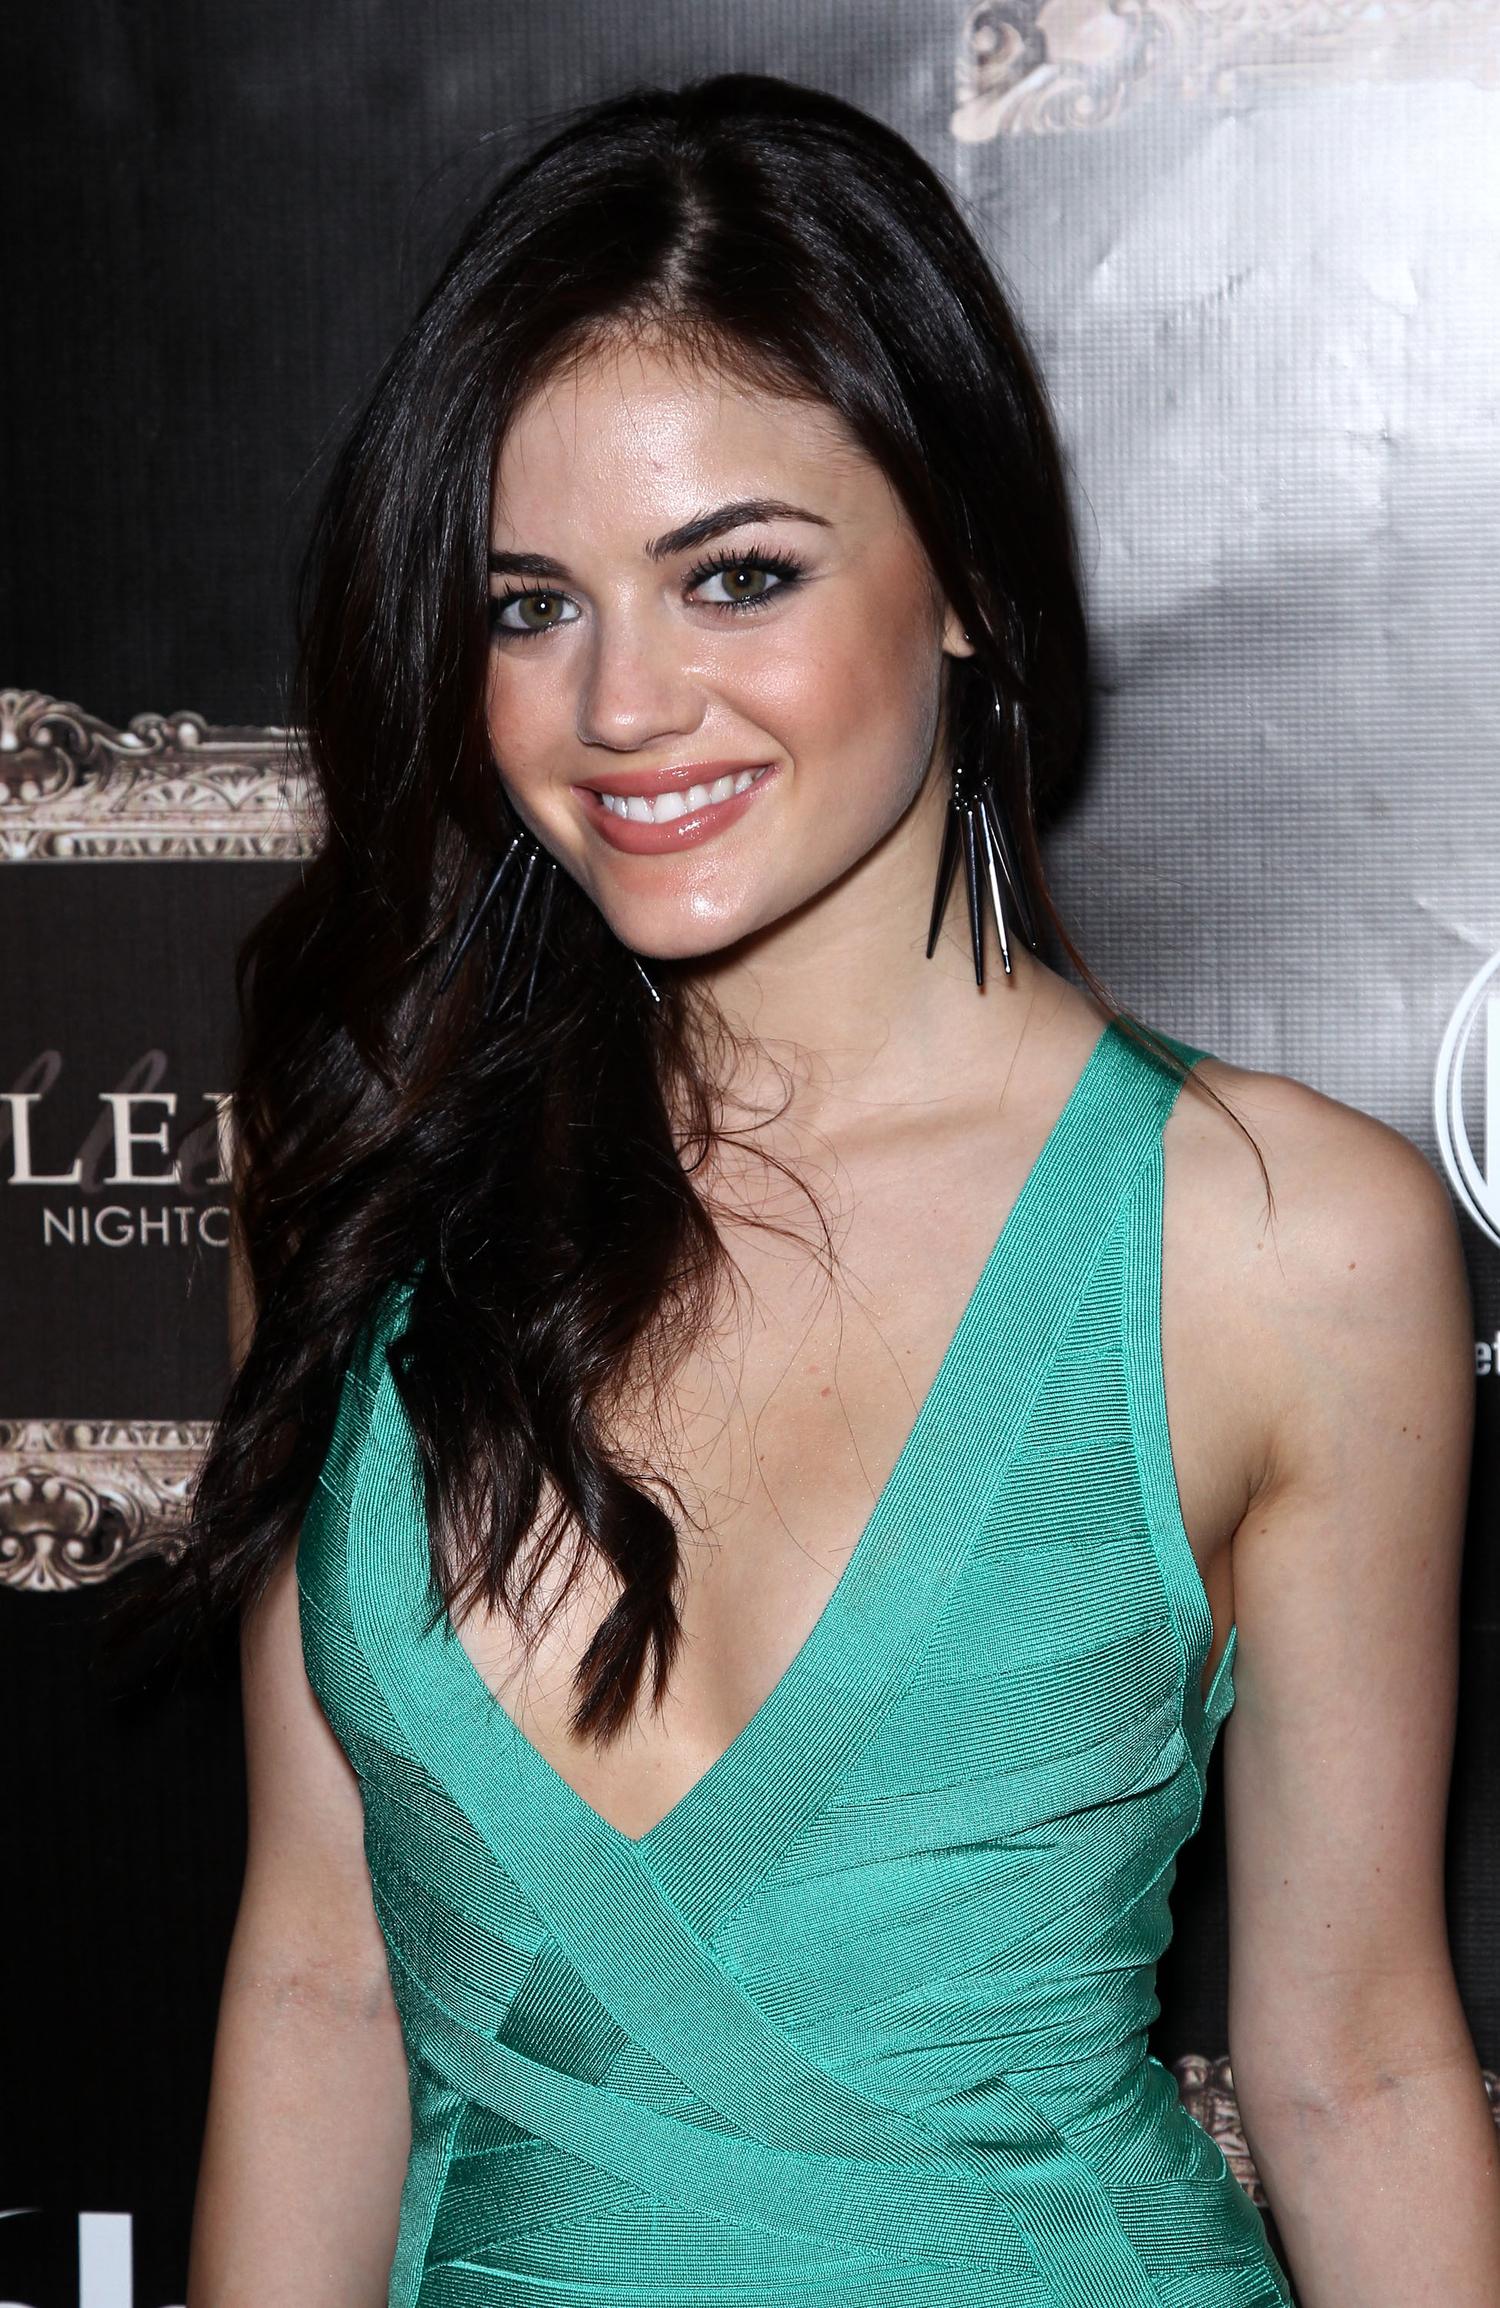 Lucy Hale en robe très décolletée